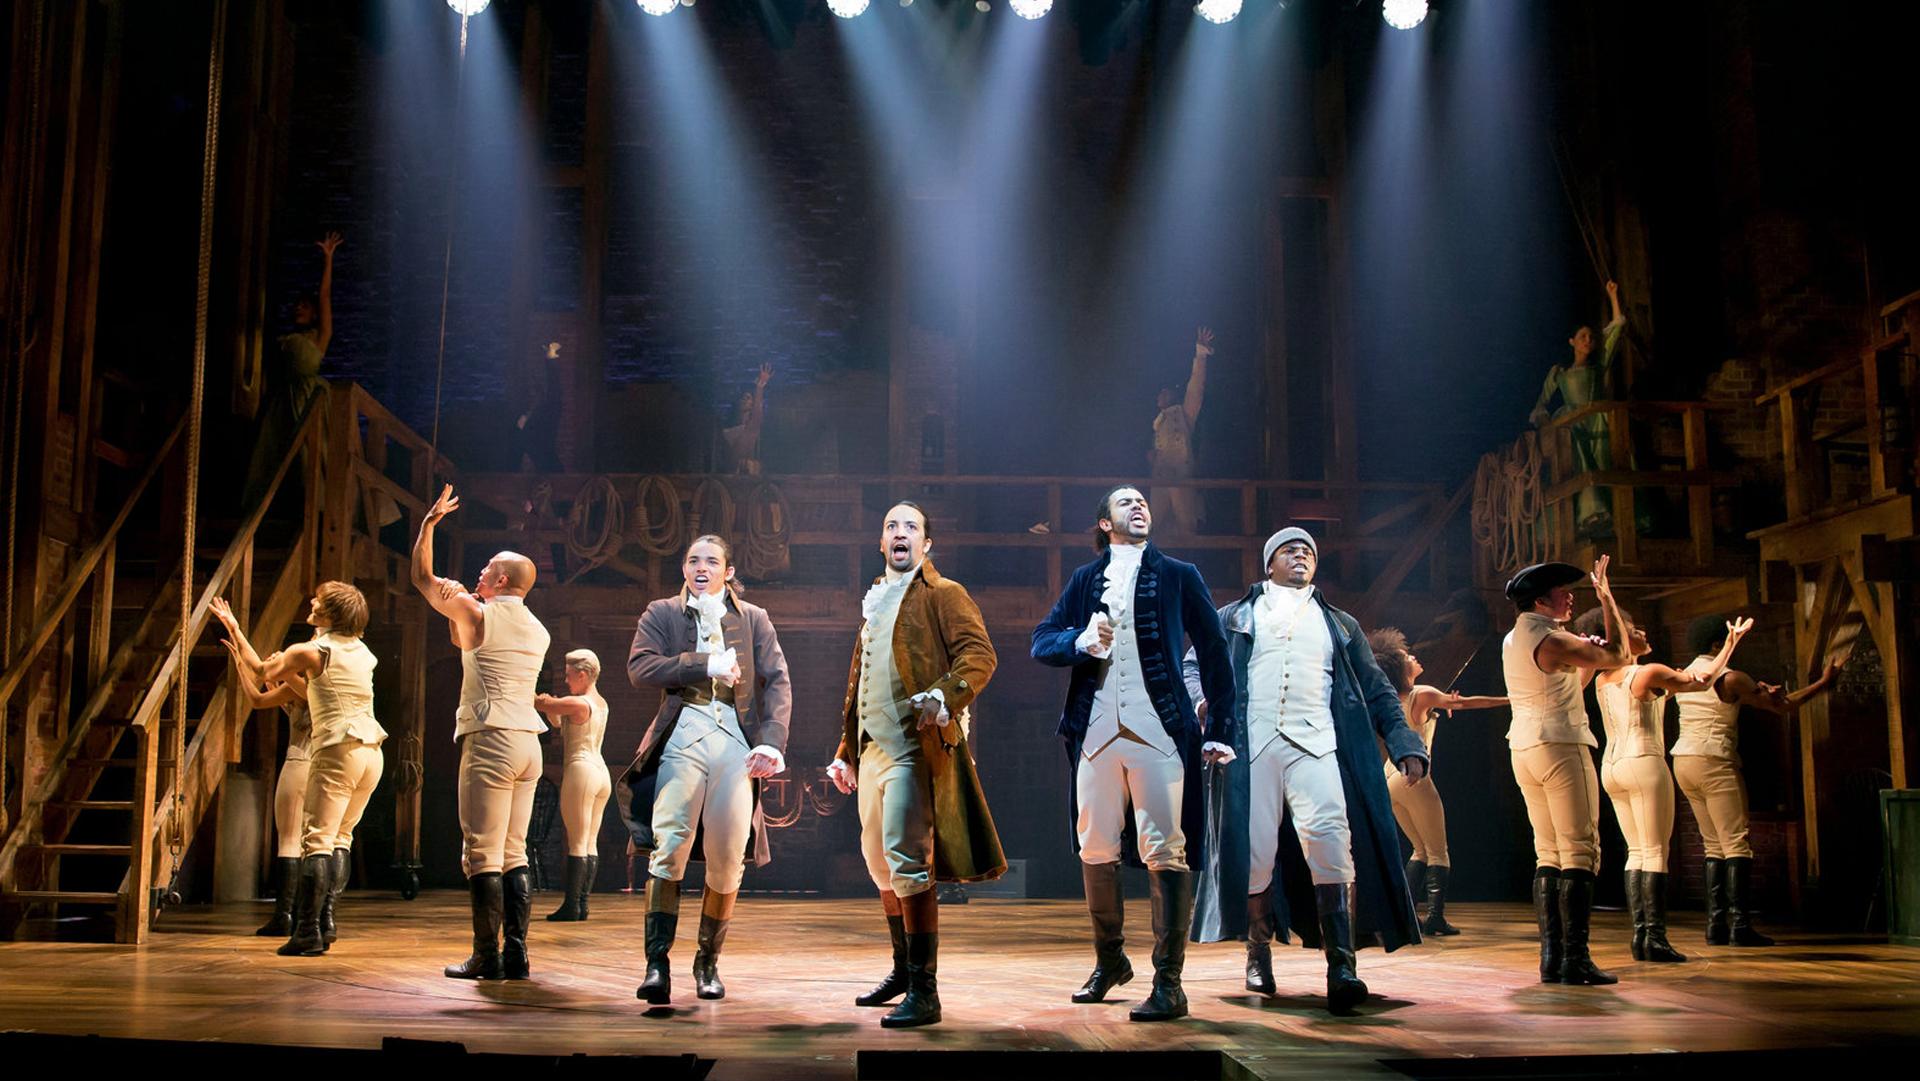 Il musical Hamilton arriva su Disney+